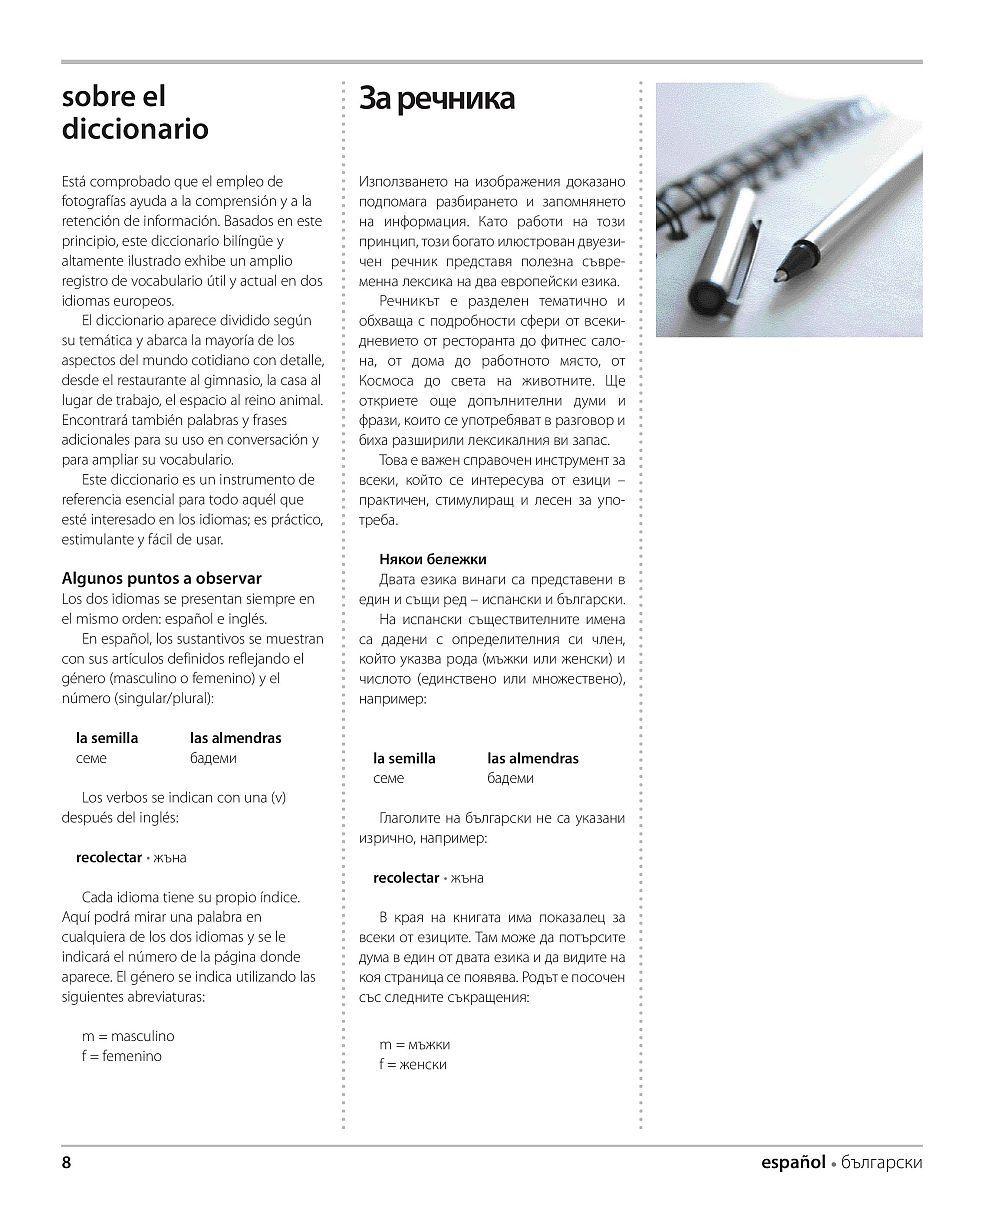 Испанско-български двуезичен картинен речник - 7